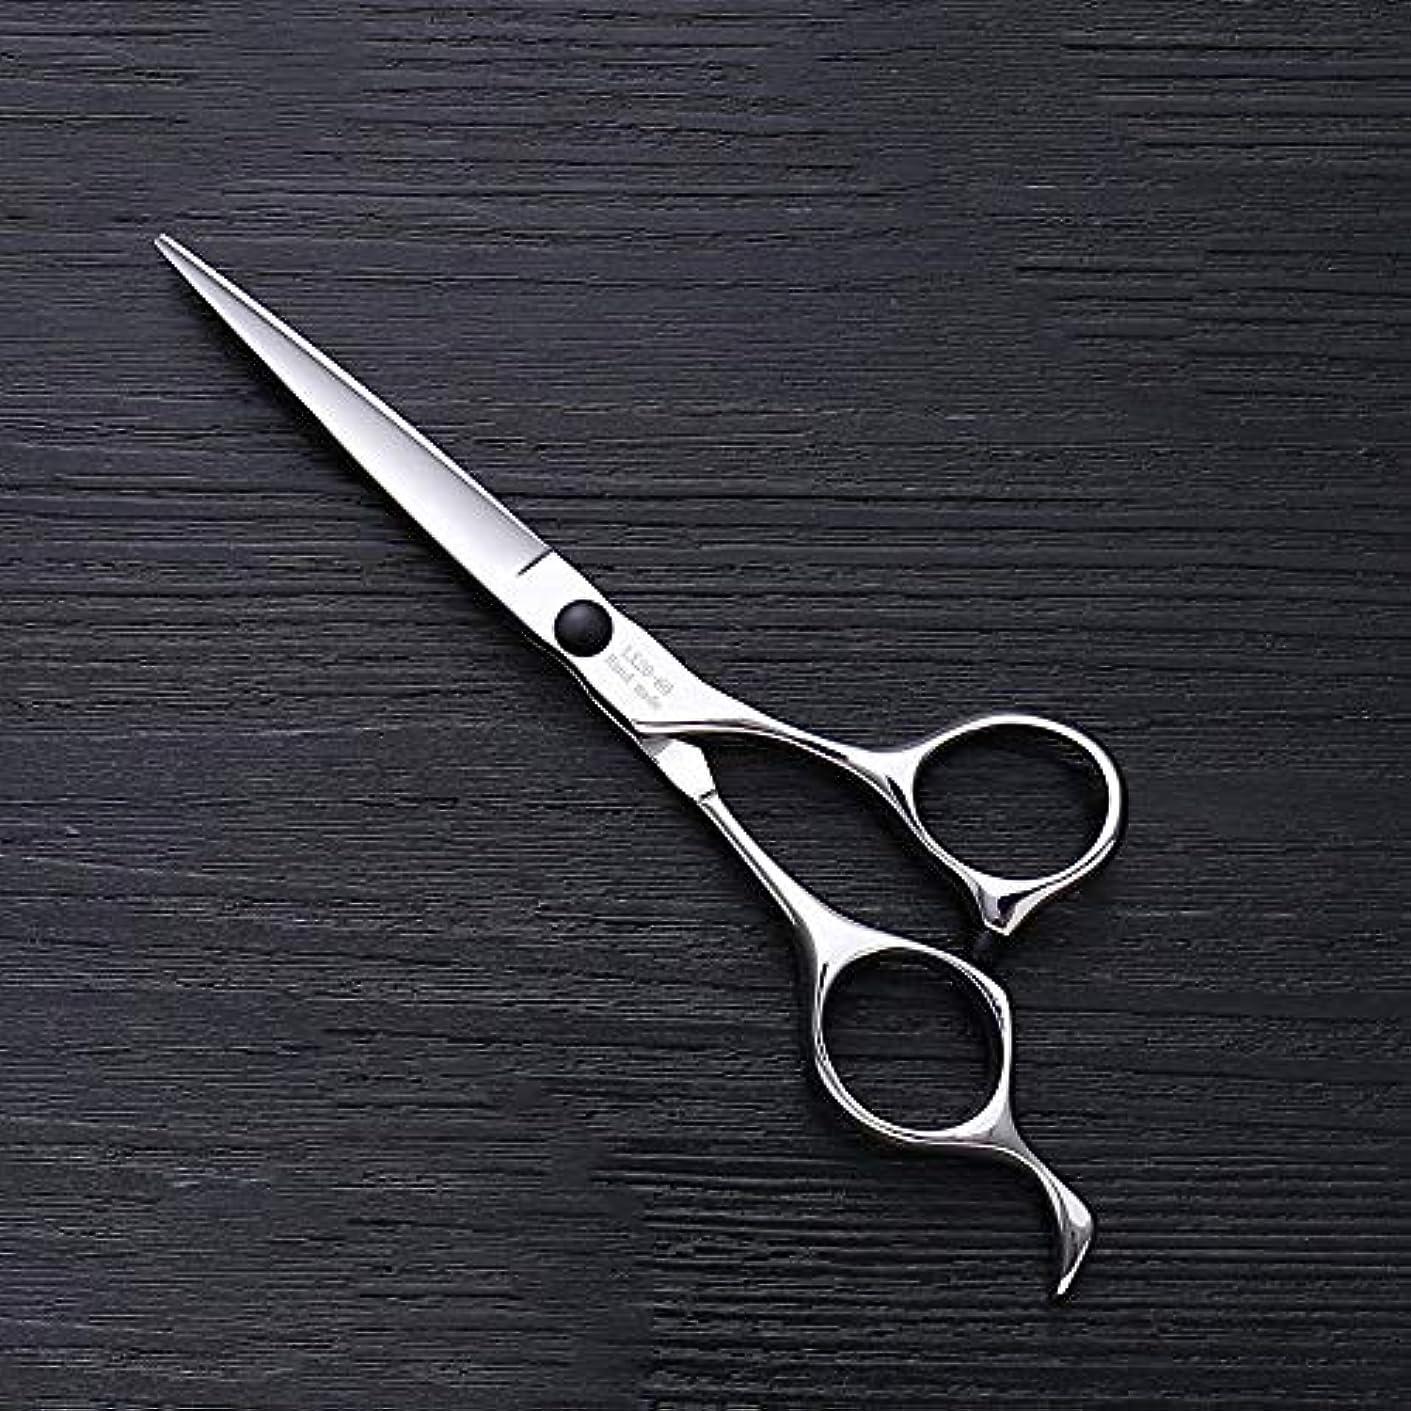 敵意会員便益理髪用はさみ 6インチハイエンドステンレススチールバリカン、ヘアスタイリスト特別なヘアカットツールヘアカット鋏ステンレス理髪はさみ (色 : Silver)